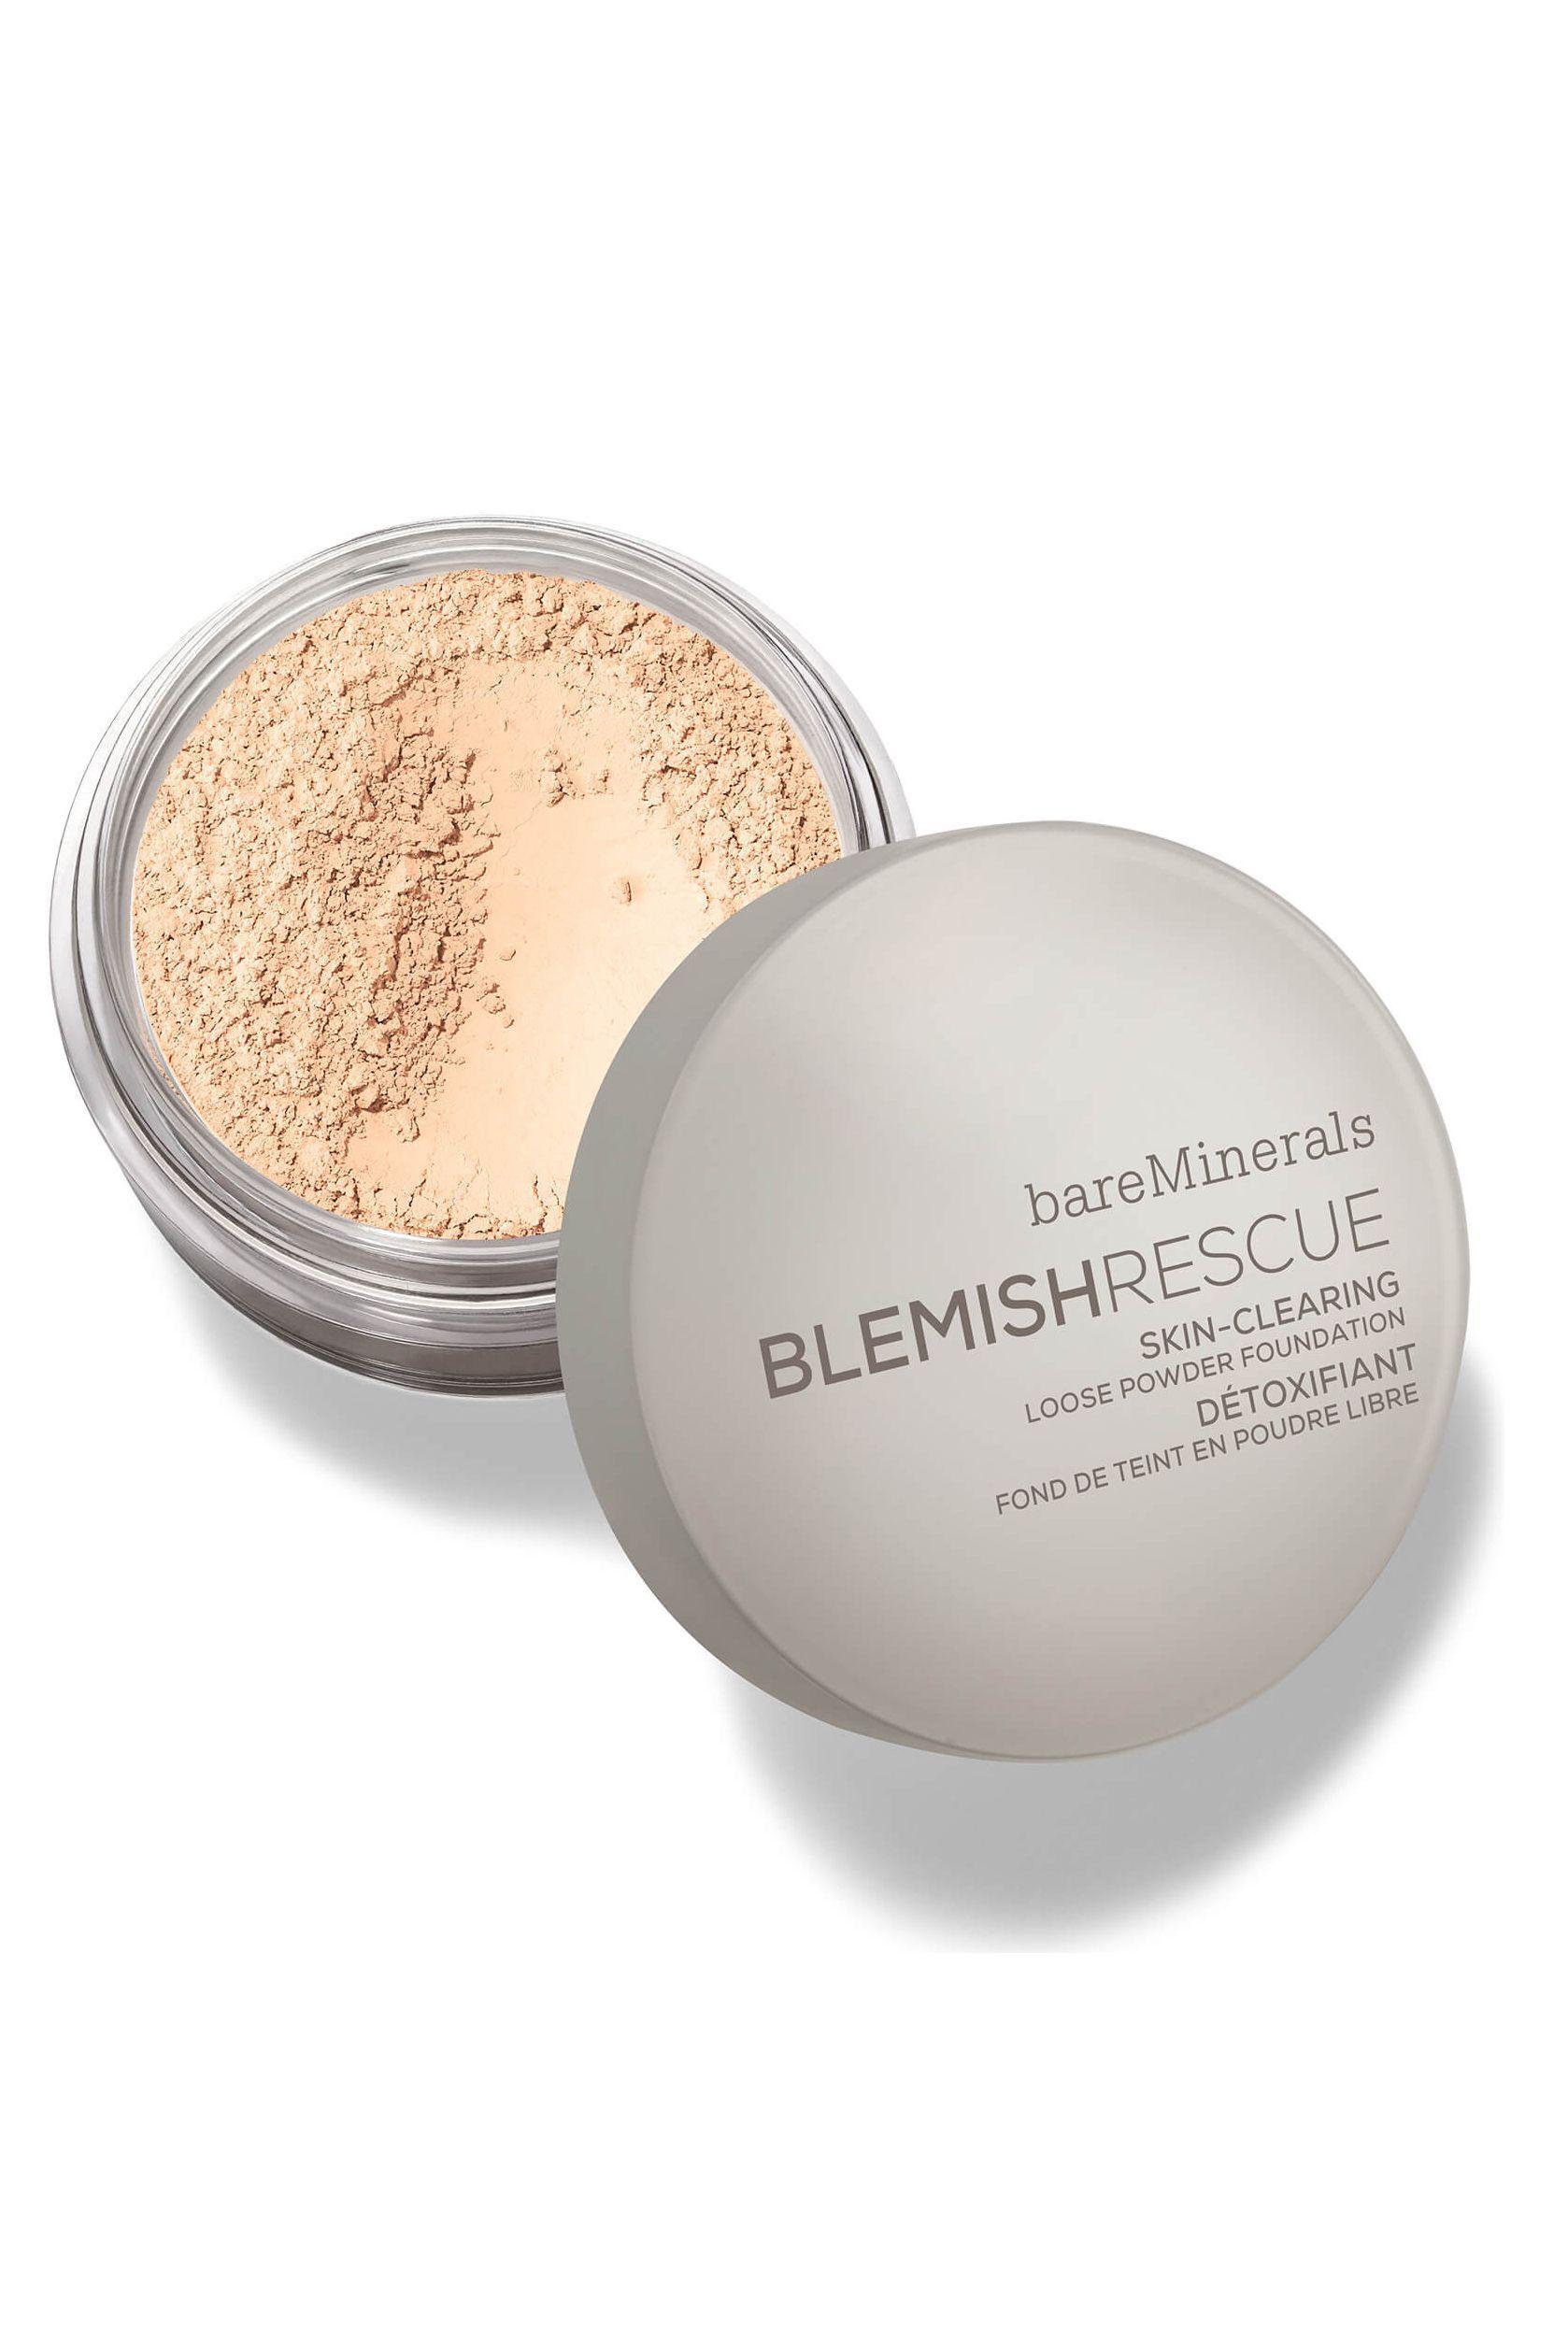 5 Best Mineral Makeup Brands 2021